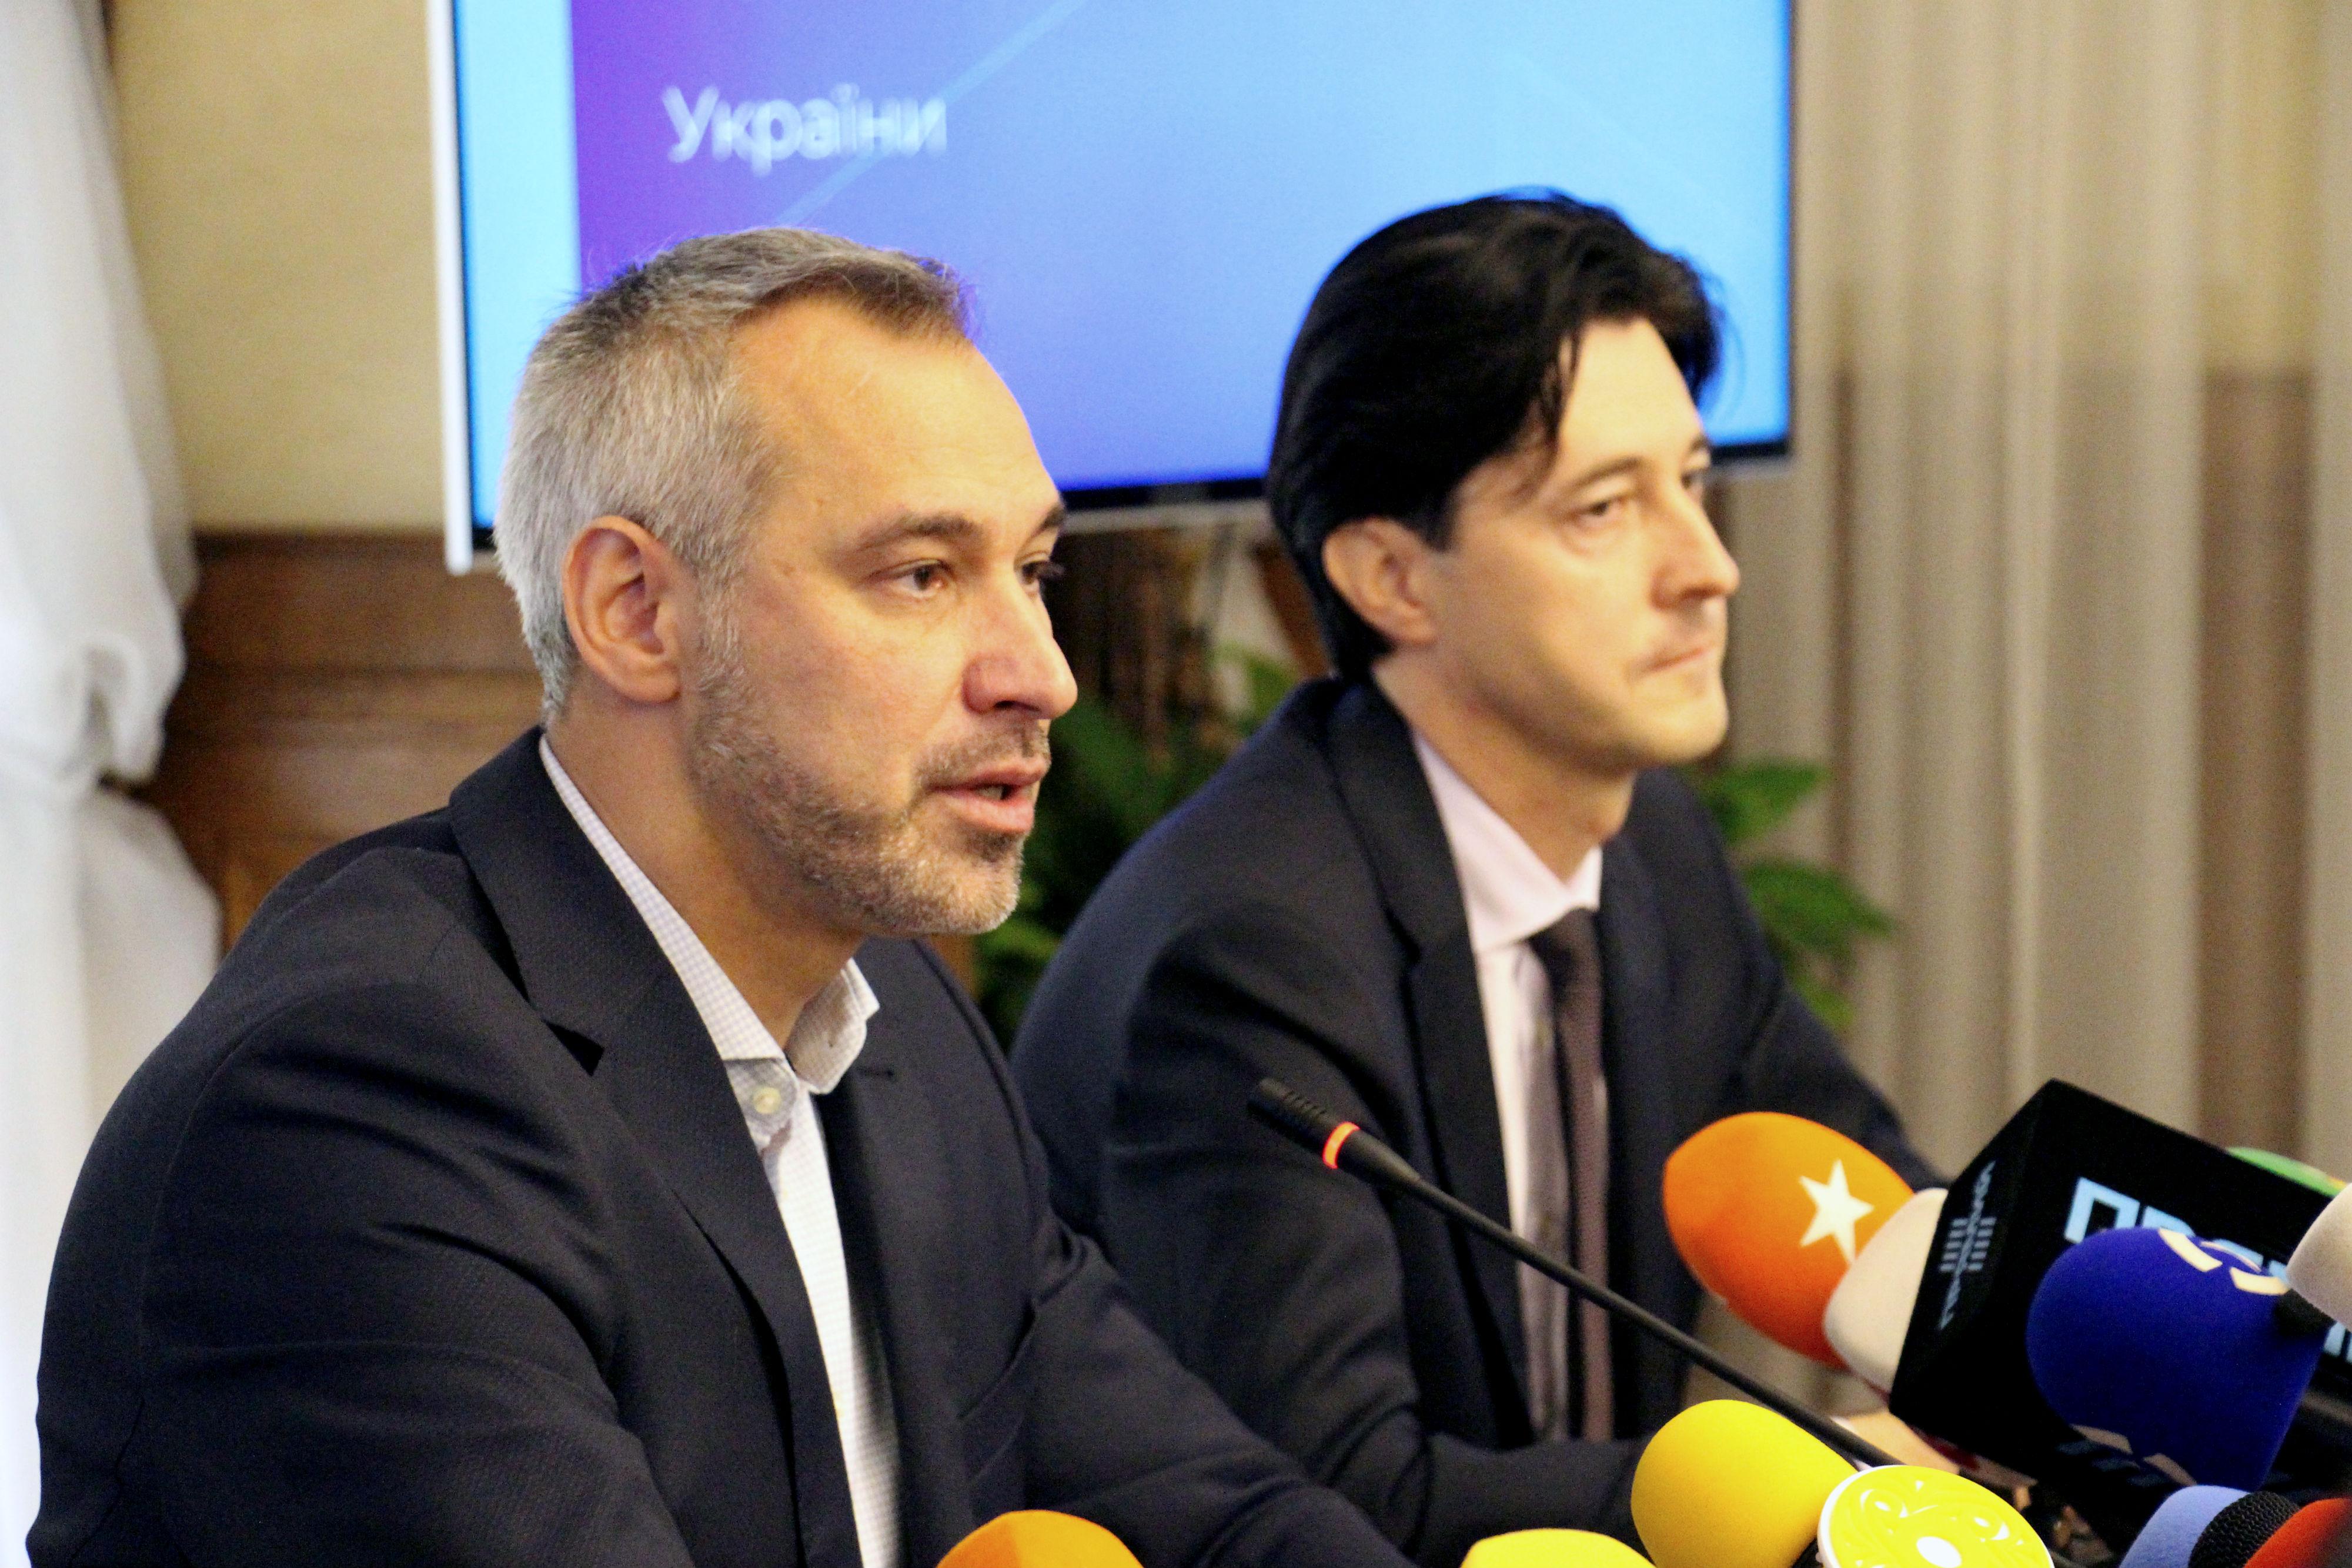 Колишній прокурор взявся за Рябошапку та Каська